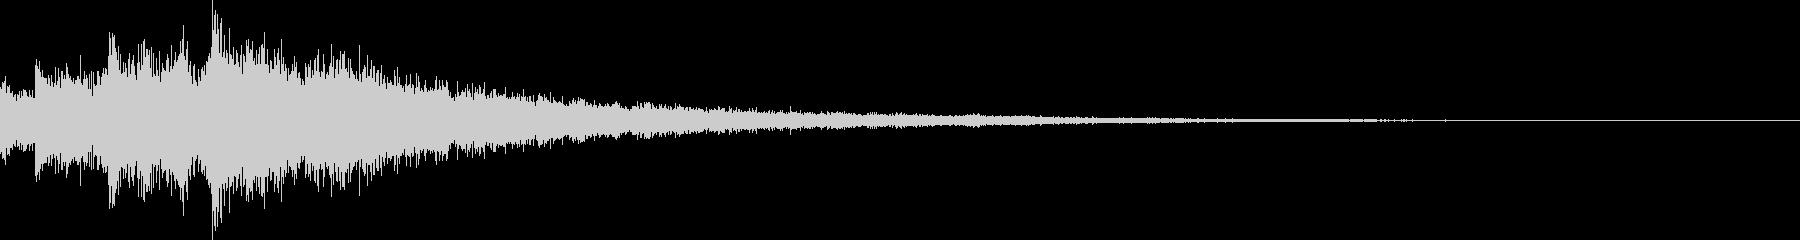 余韻長めのキラキラ音です。開始音などにの未再生の波形